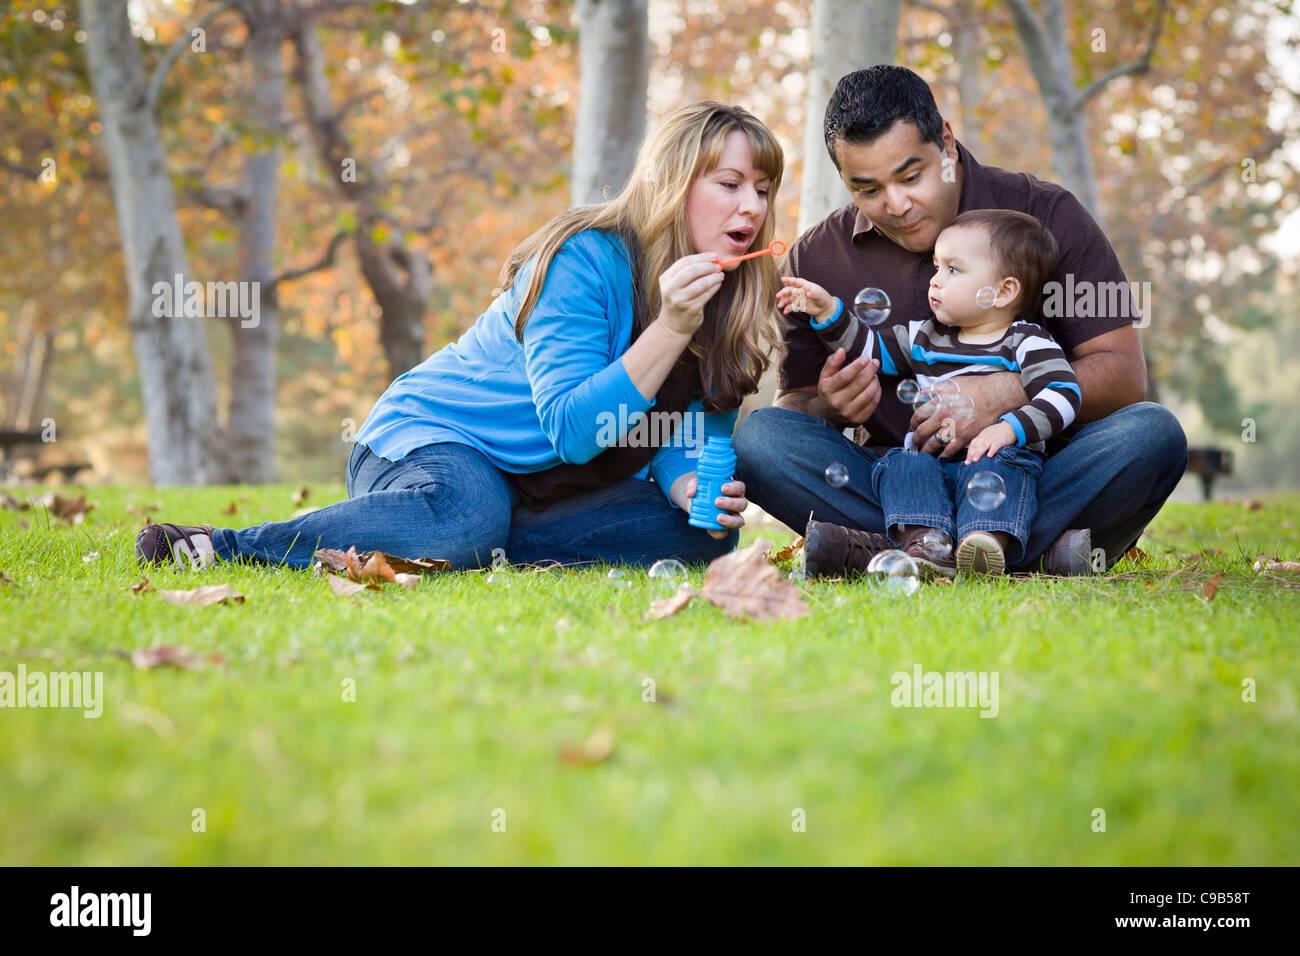 Felice giovani razza mista famiglia etnica a giocare con le bolle nel parco. Immagini Stock